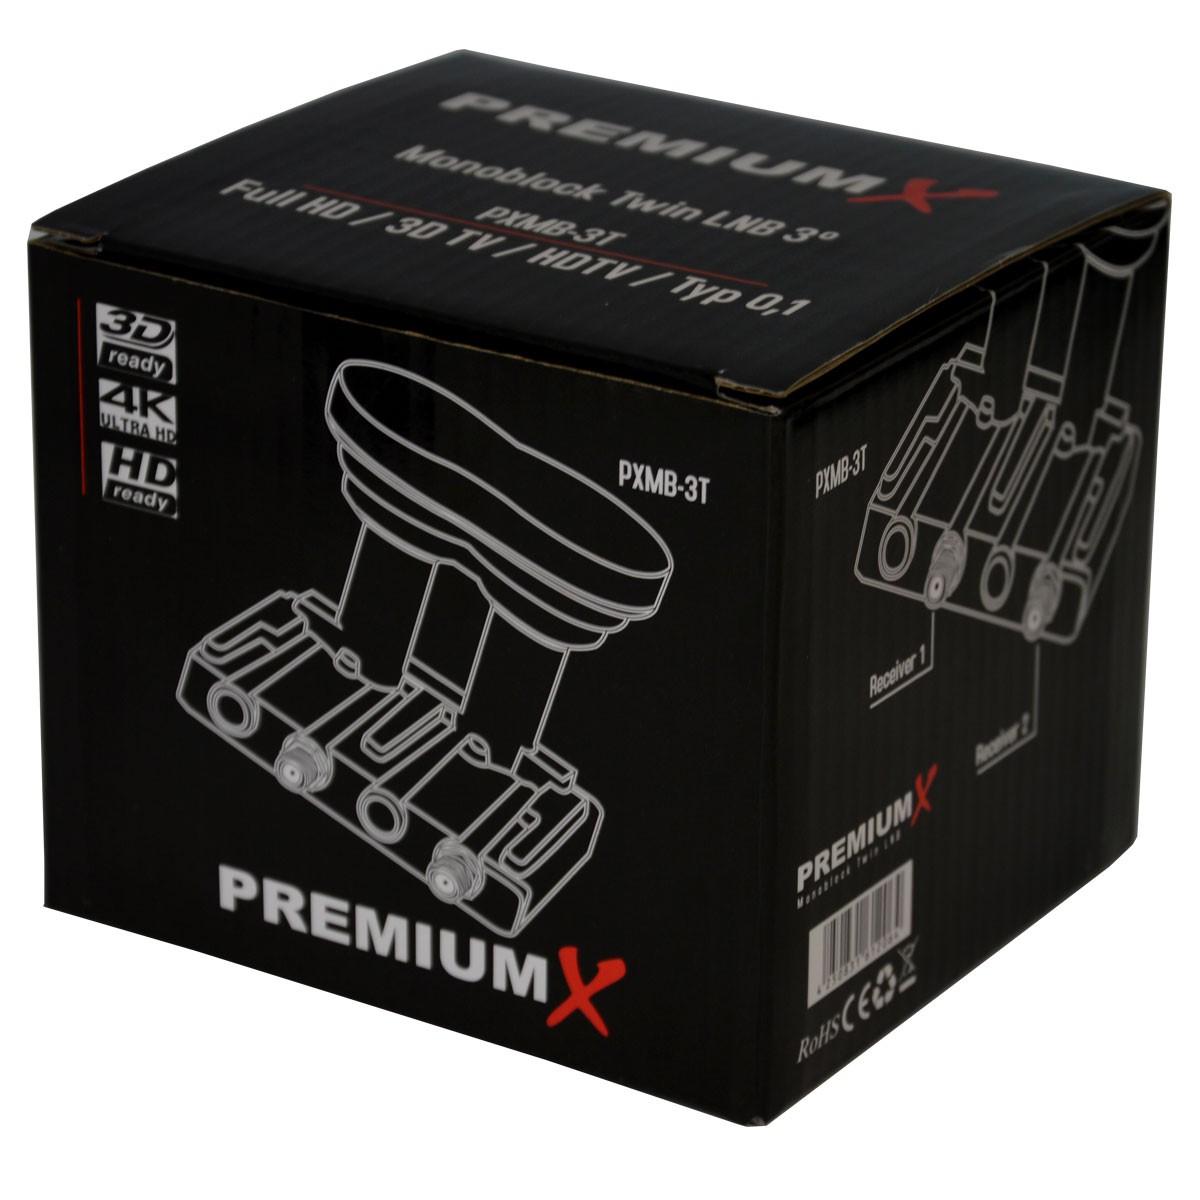 PremiumX Monoblock Twin LNB 3° PXMB-3T 0,1 dB Astra 19,2° Eutelsat 16° HDTV  FullHD UltraHD 4K 3D tauglich für 2 Teilnehmer